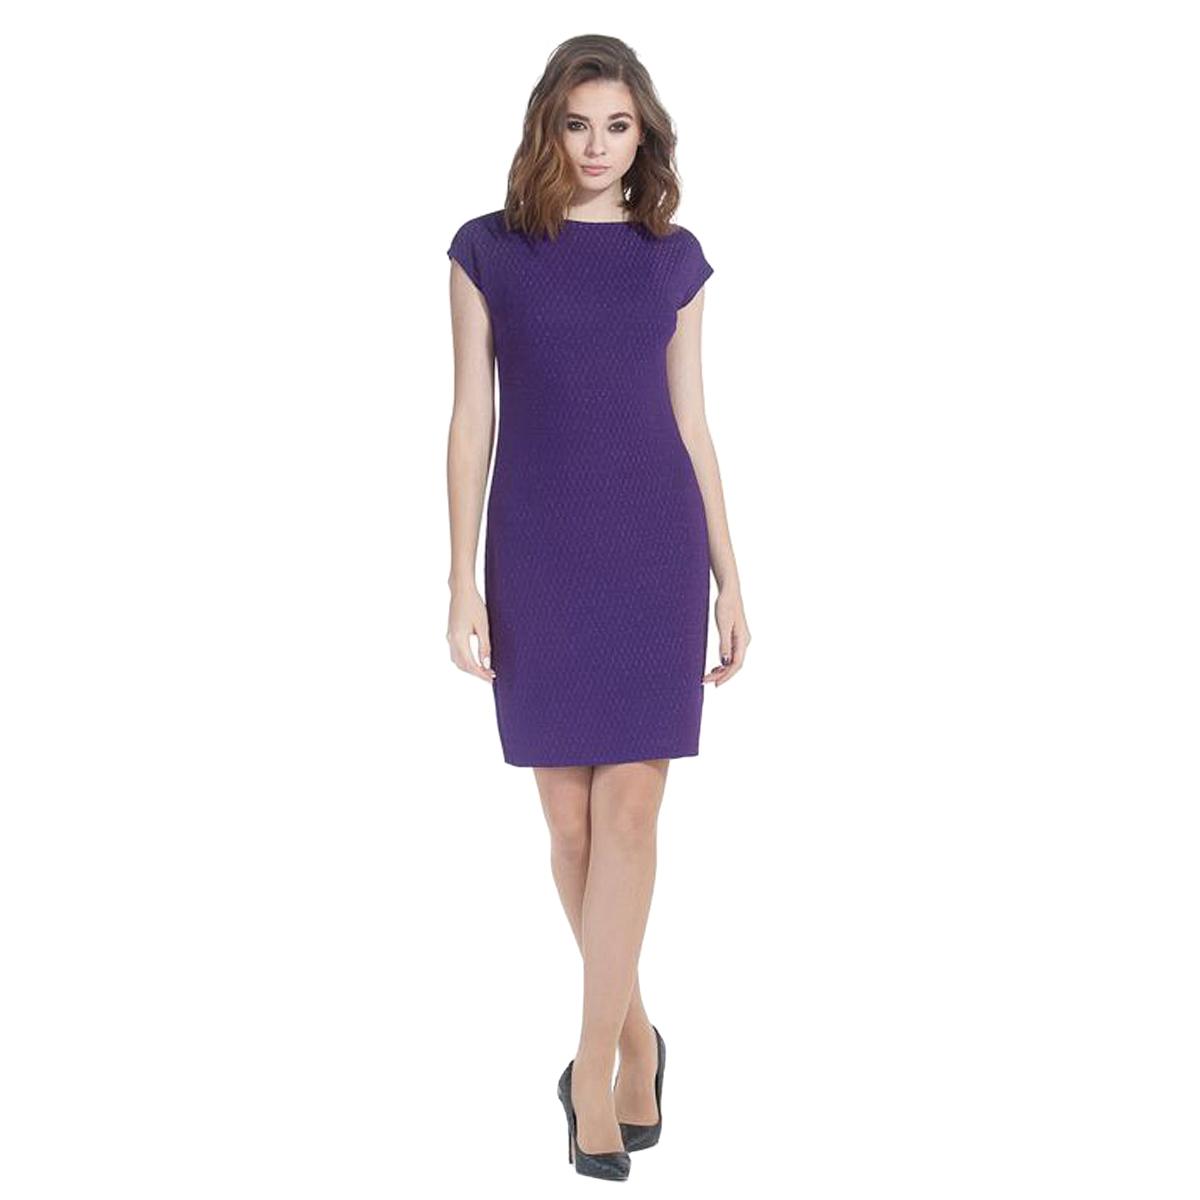 Платье KISLIS, 7530 УС kislis 5167